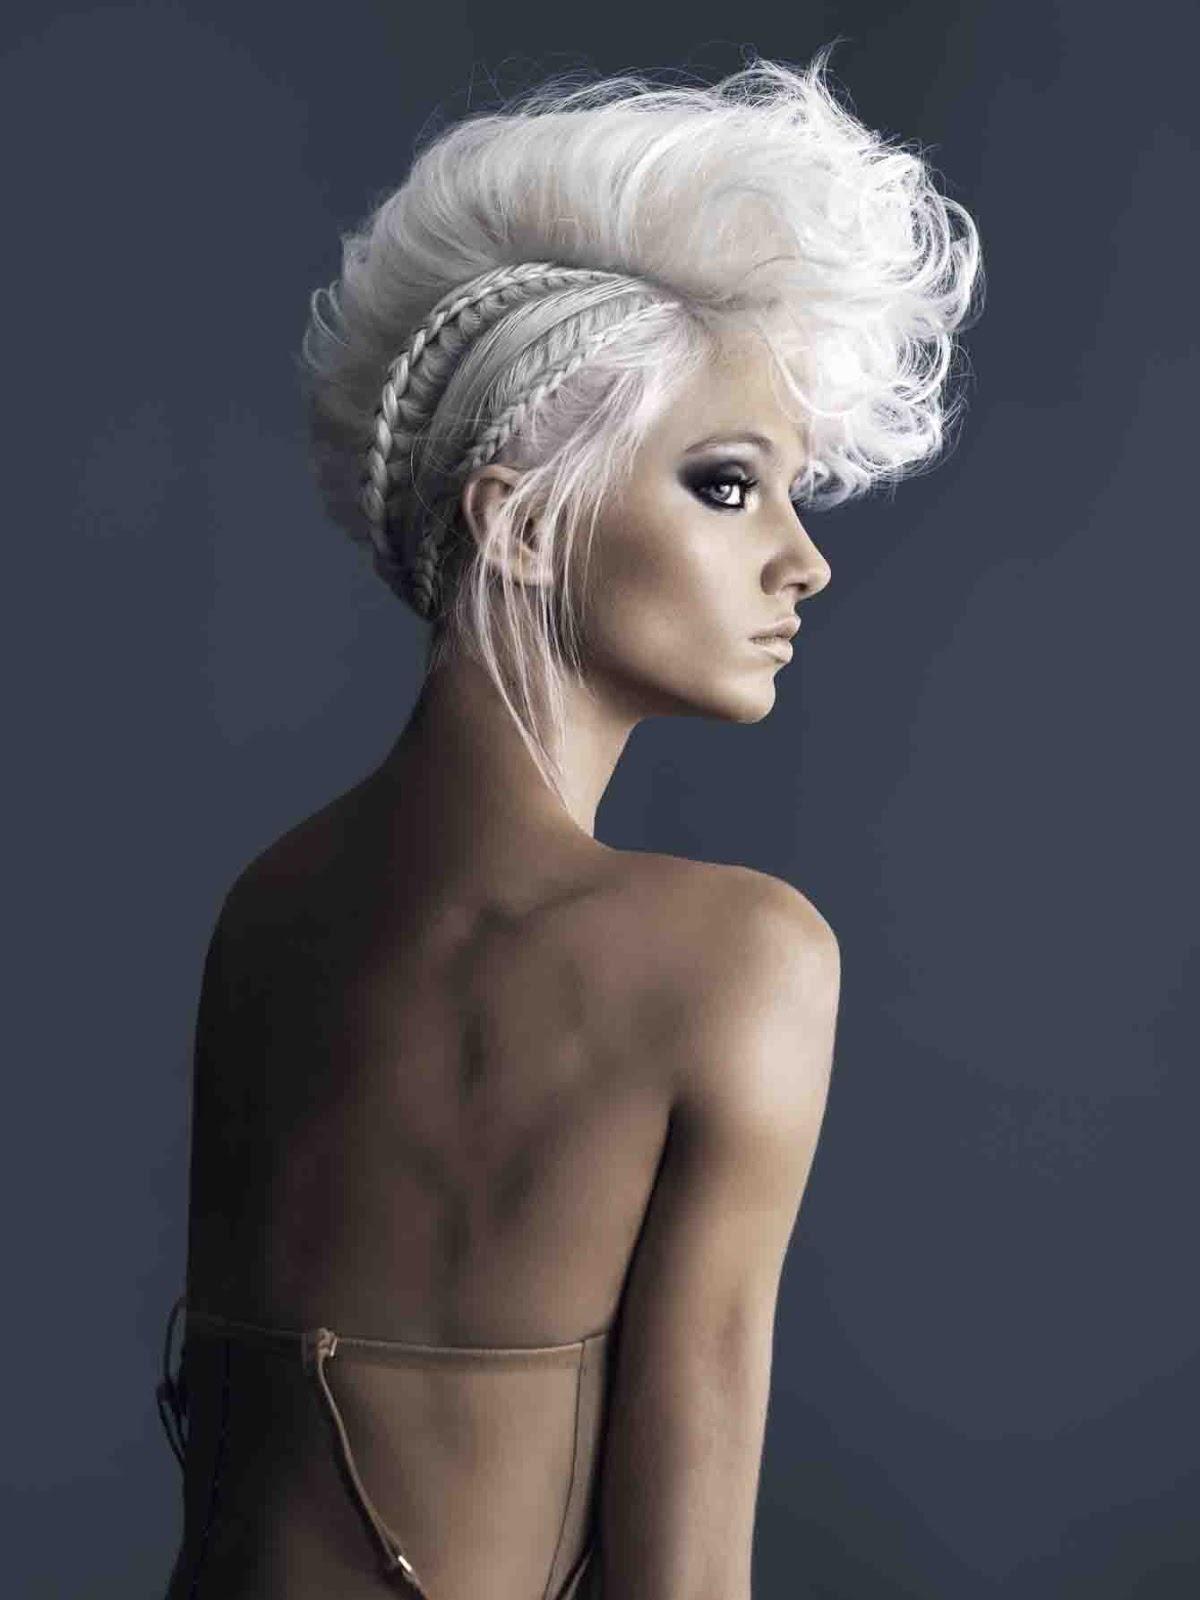 icy hair blonde